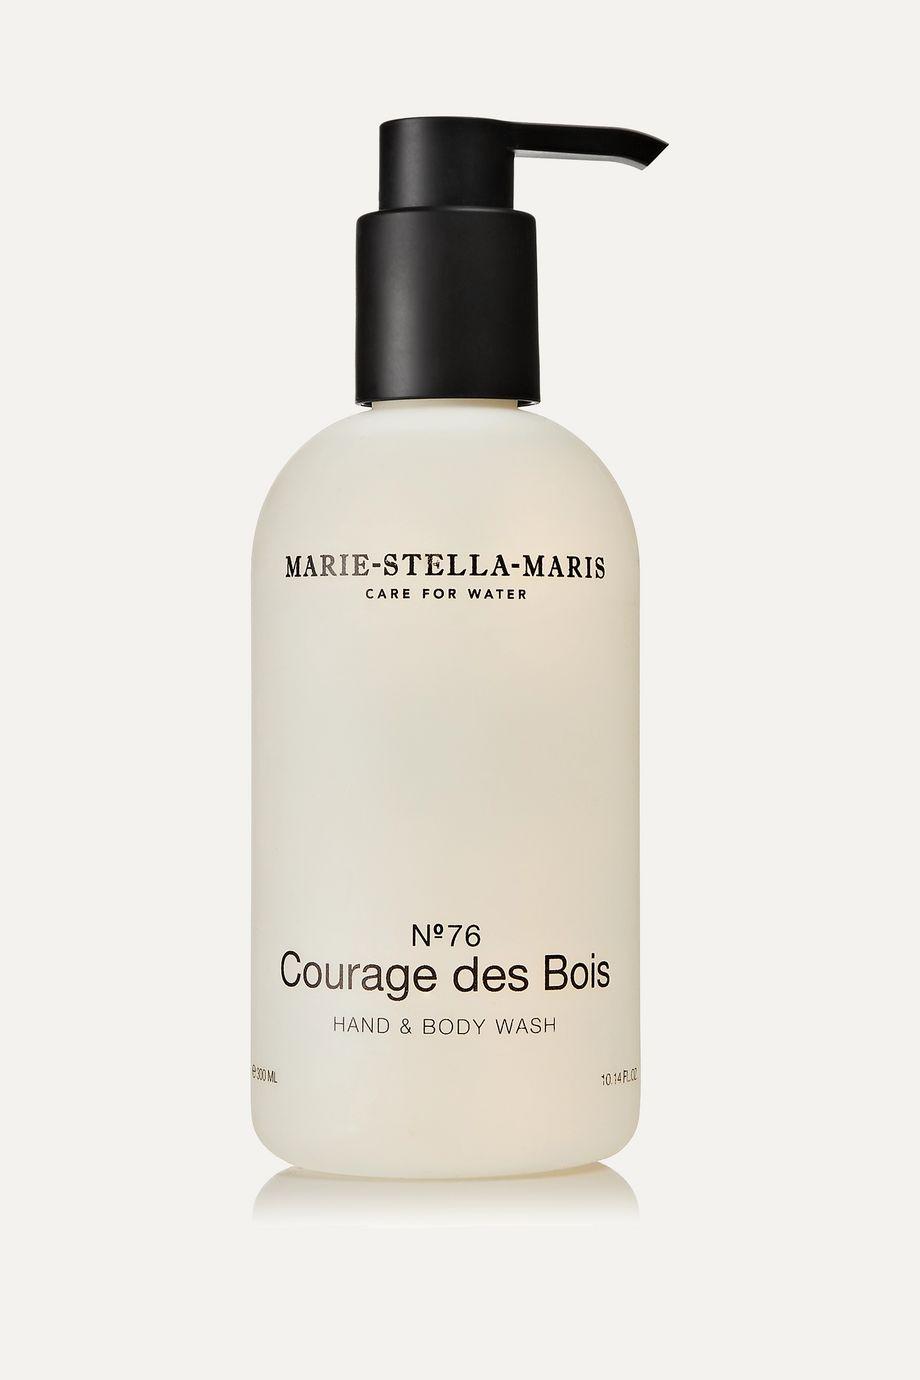 Marie-Stella-Maris Hand & Body Wash – Courage des Bois, 300 ml – Flüssigseife